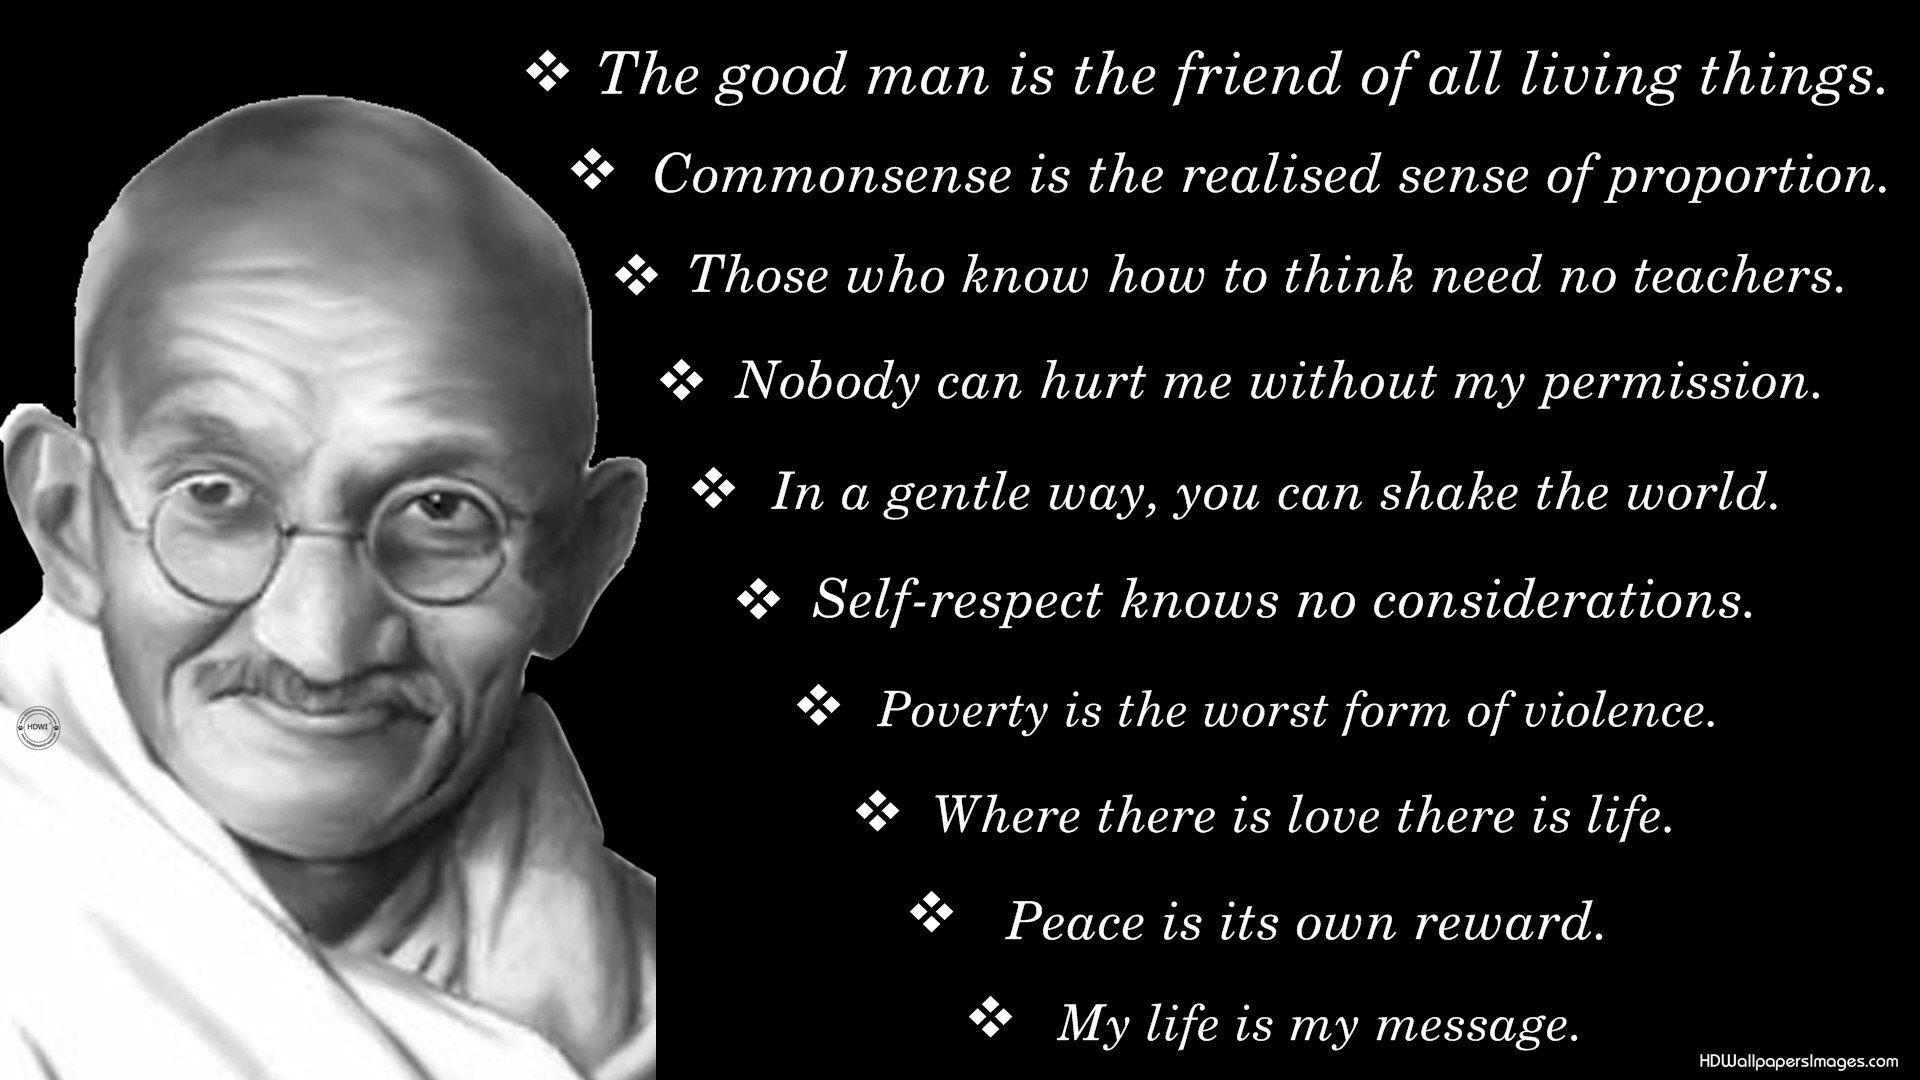 Naast Mijn Geloof Ben Ik Enorme Fan Van De Uitspraken Van Gandhi Deze Man Is Een Enorme Inspiratieb Gandhi Quotes Quotes By Famous People Famous Gandhi Quotes